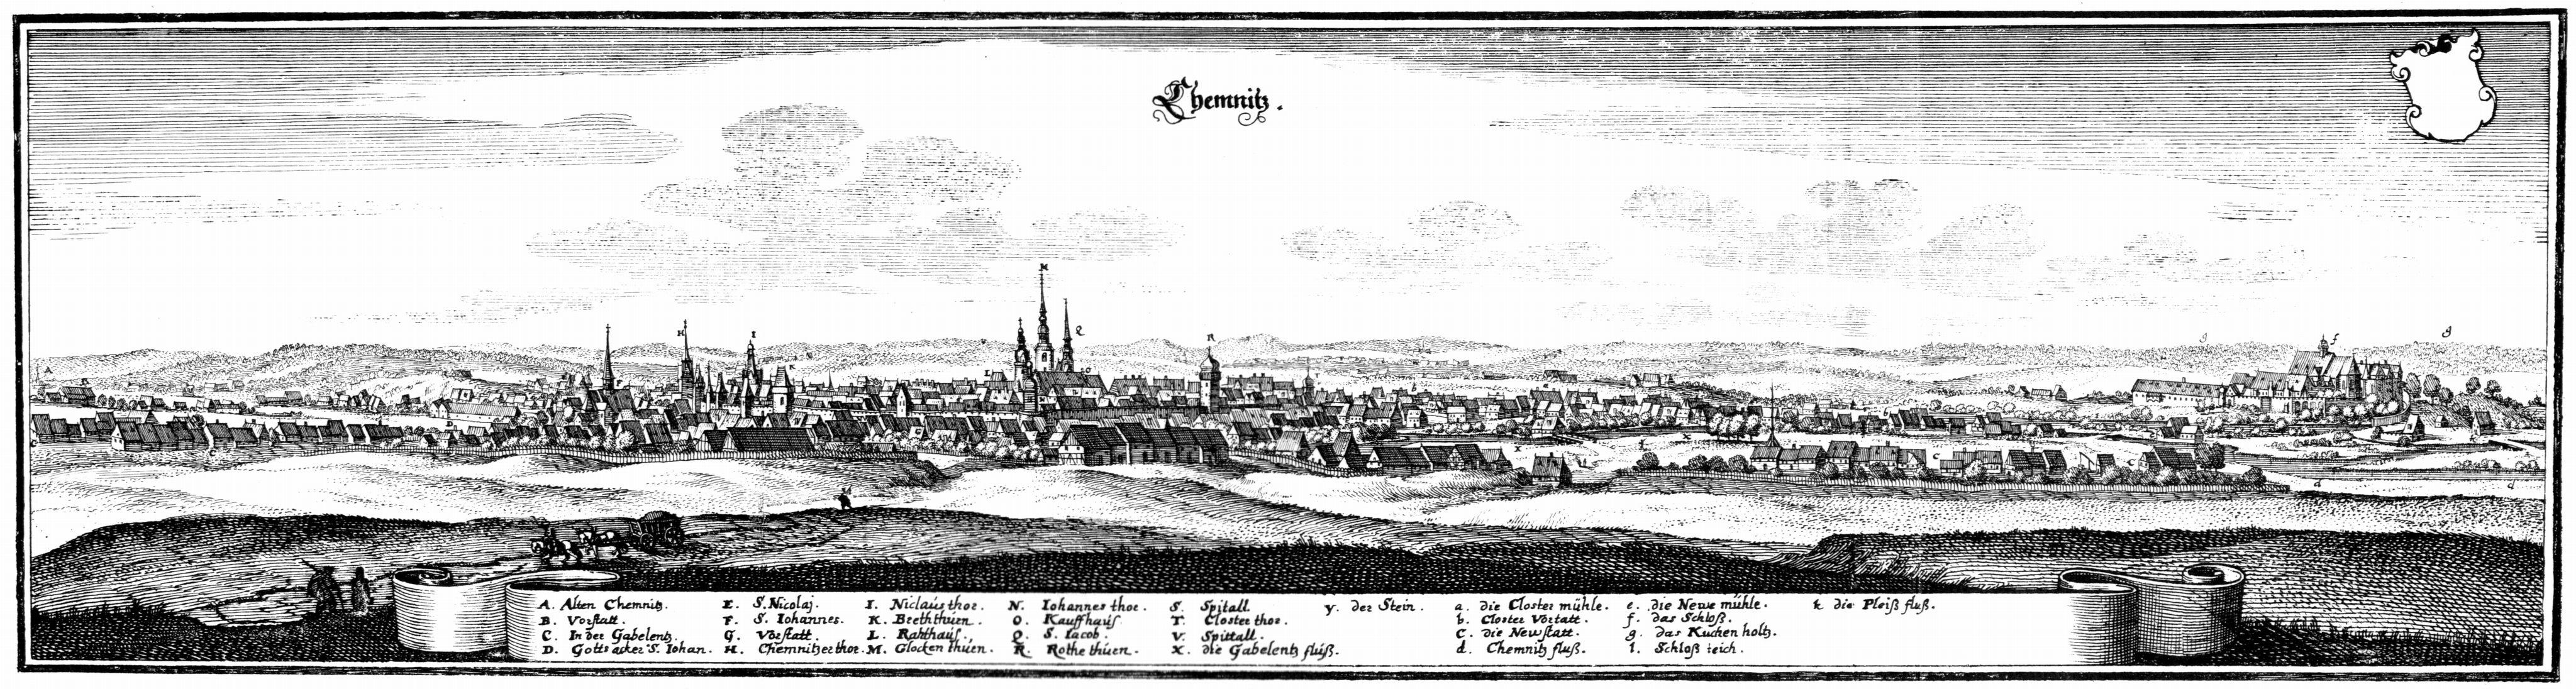 Veduta di Chemnitz nel 1650, incisa da Matthäus Merian (Wikimedia Commons)